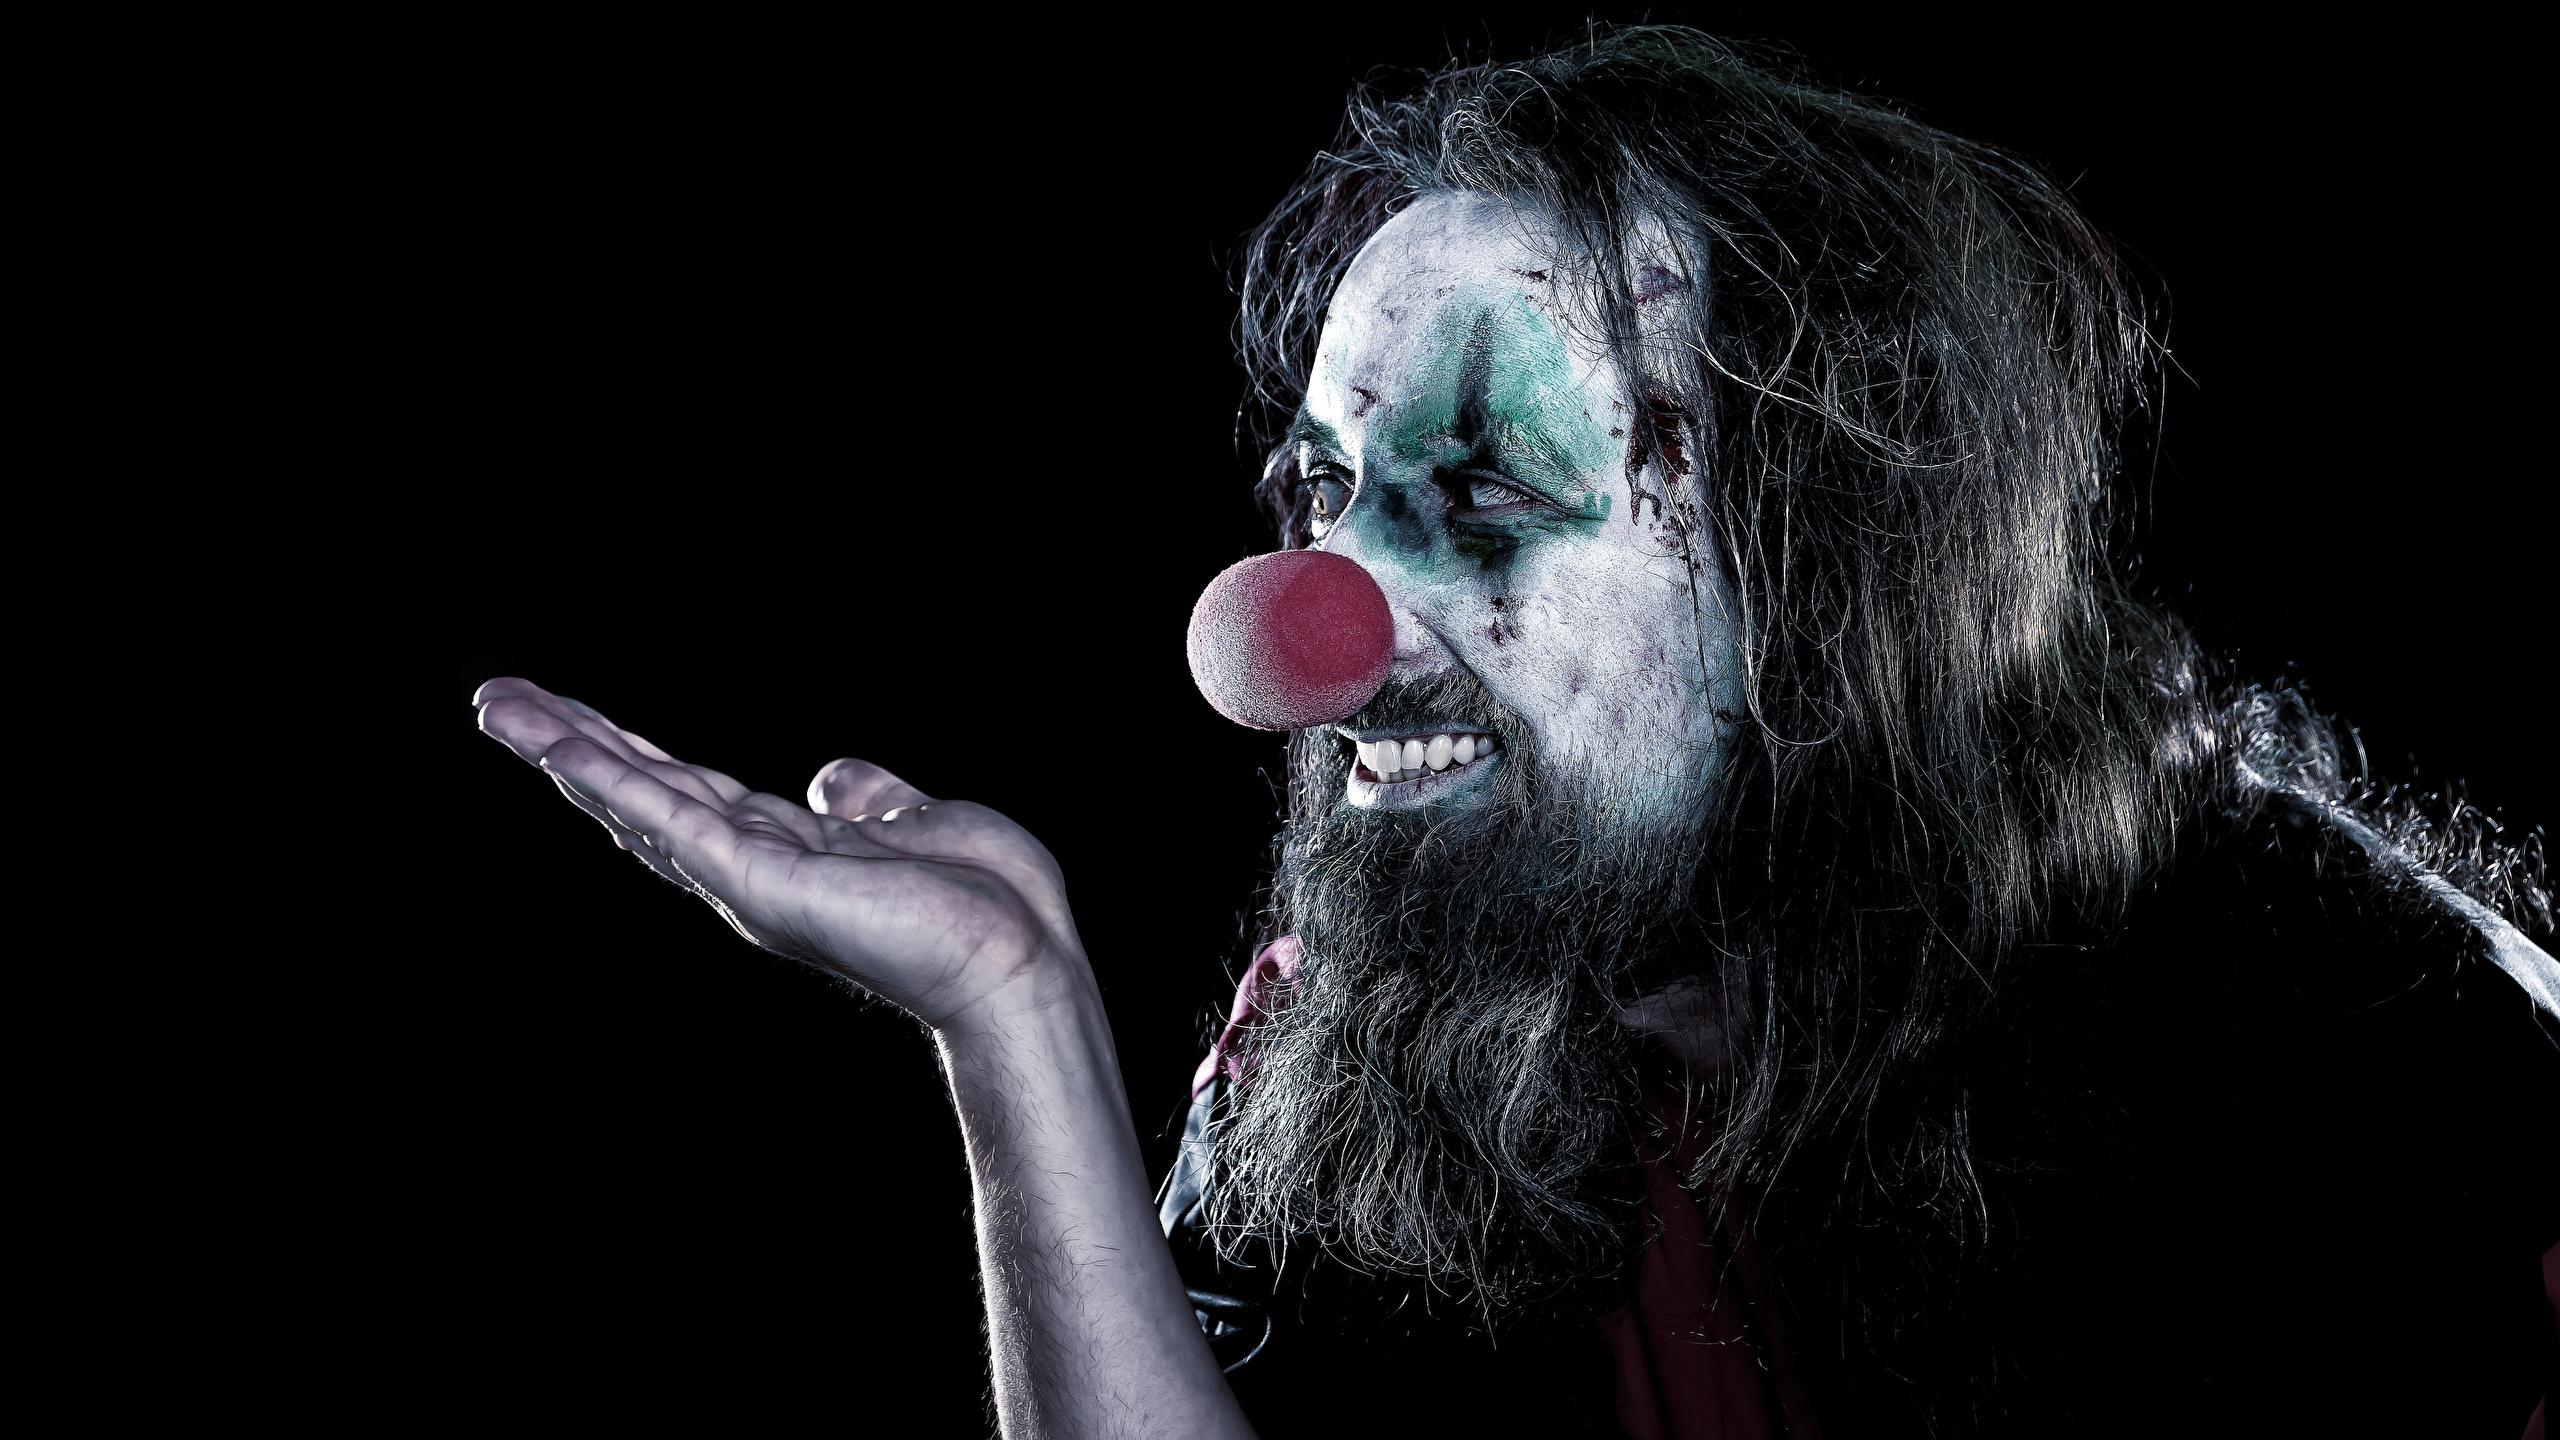 Фотографии Мужчины Макияж Клоун Борода Руки Черный фон 2560x1440 мейкап рука